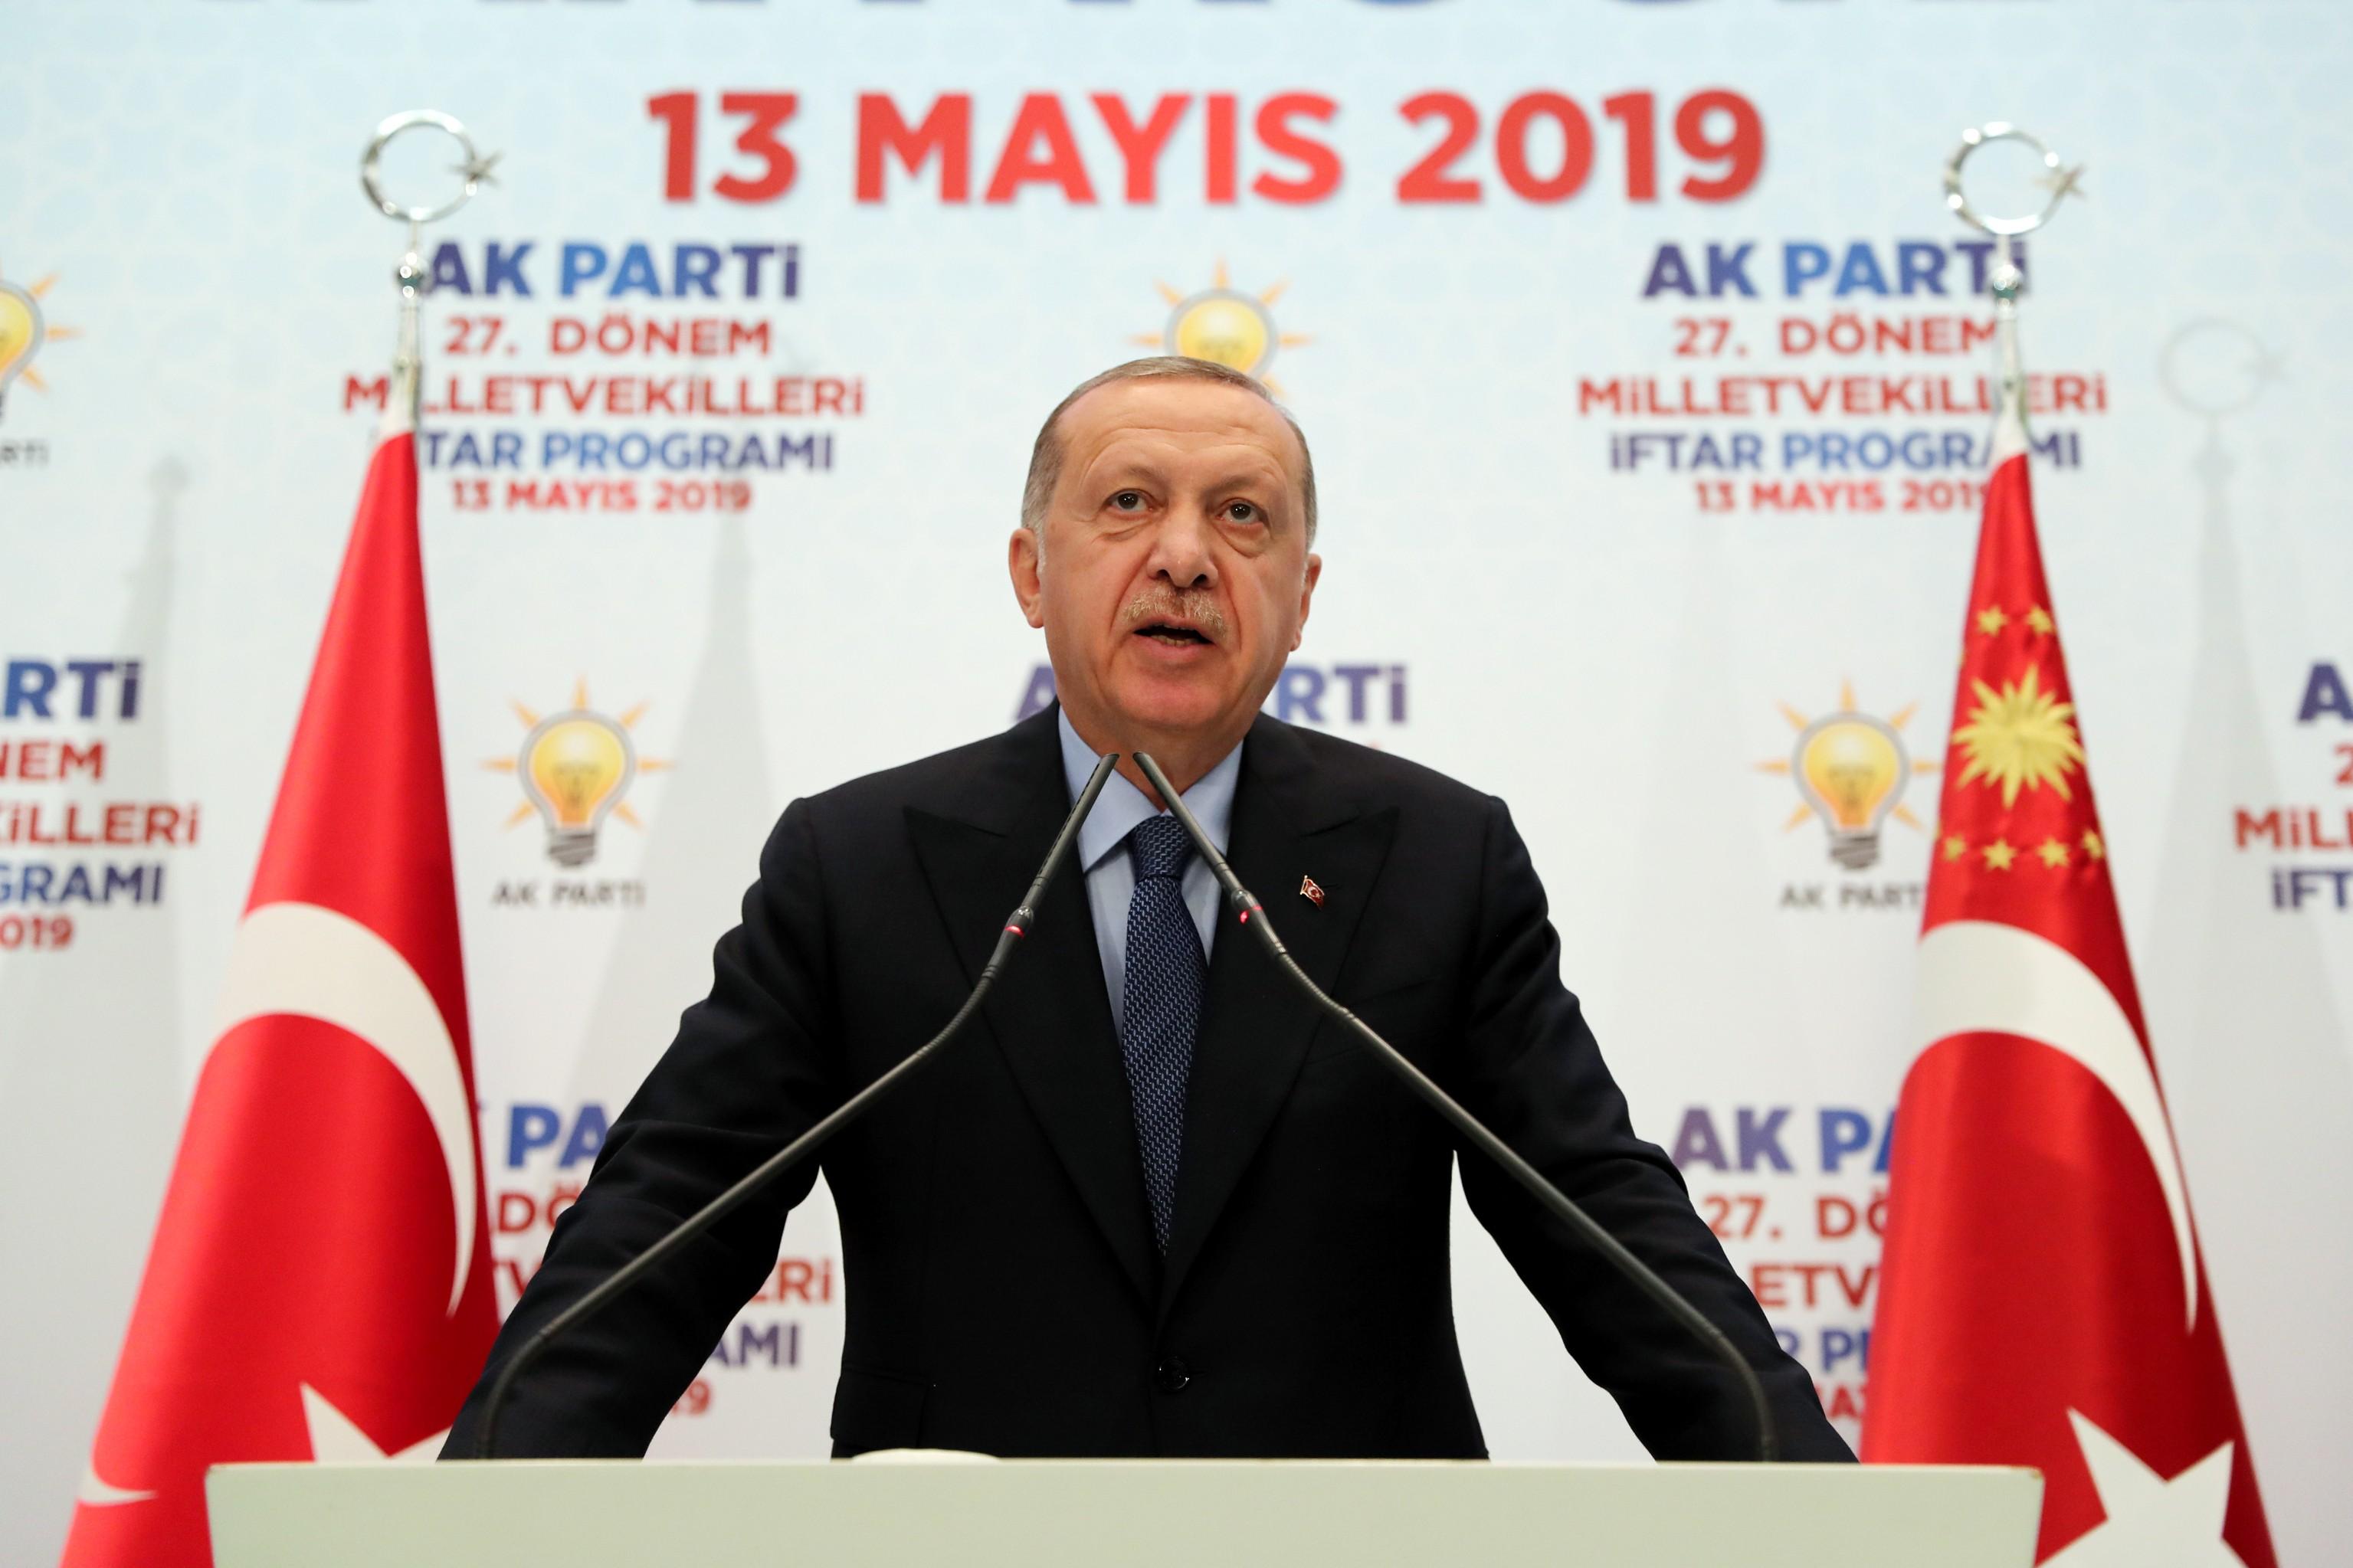 """Başkan Erdoğan: """"Cevap çok basit, oyları çaldılar"""""""